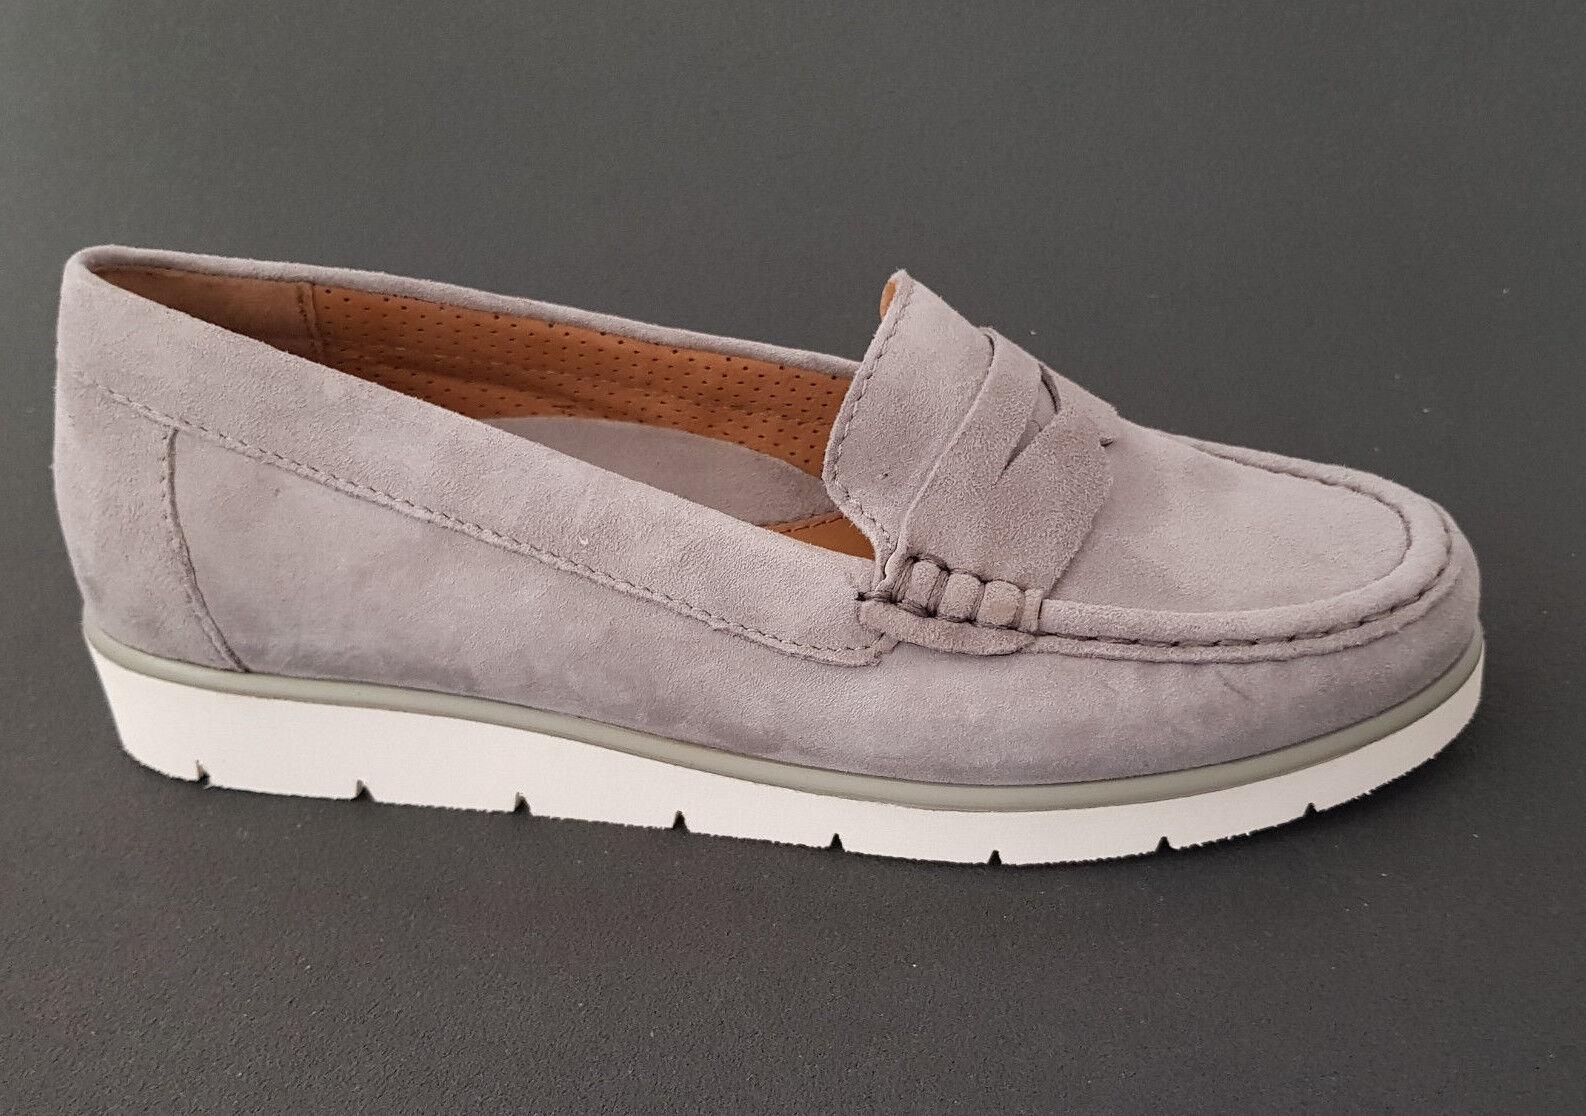 Descuento de la marca Descuento por tiempo limitado Gabor Damen Mokassin Schuhe Slipper 84.220.19 grau Leder NEU REDUZIERT